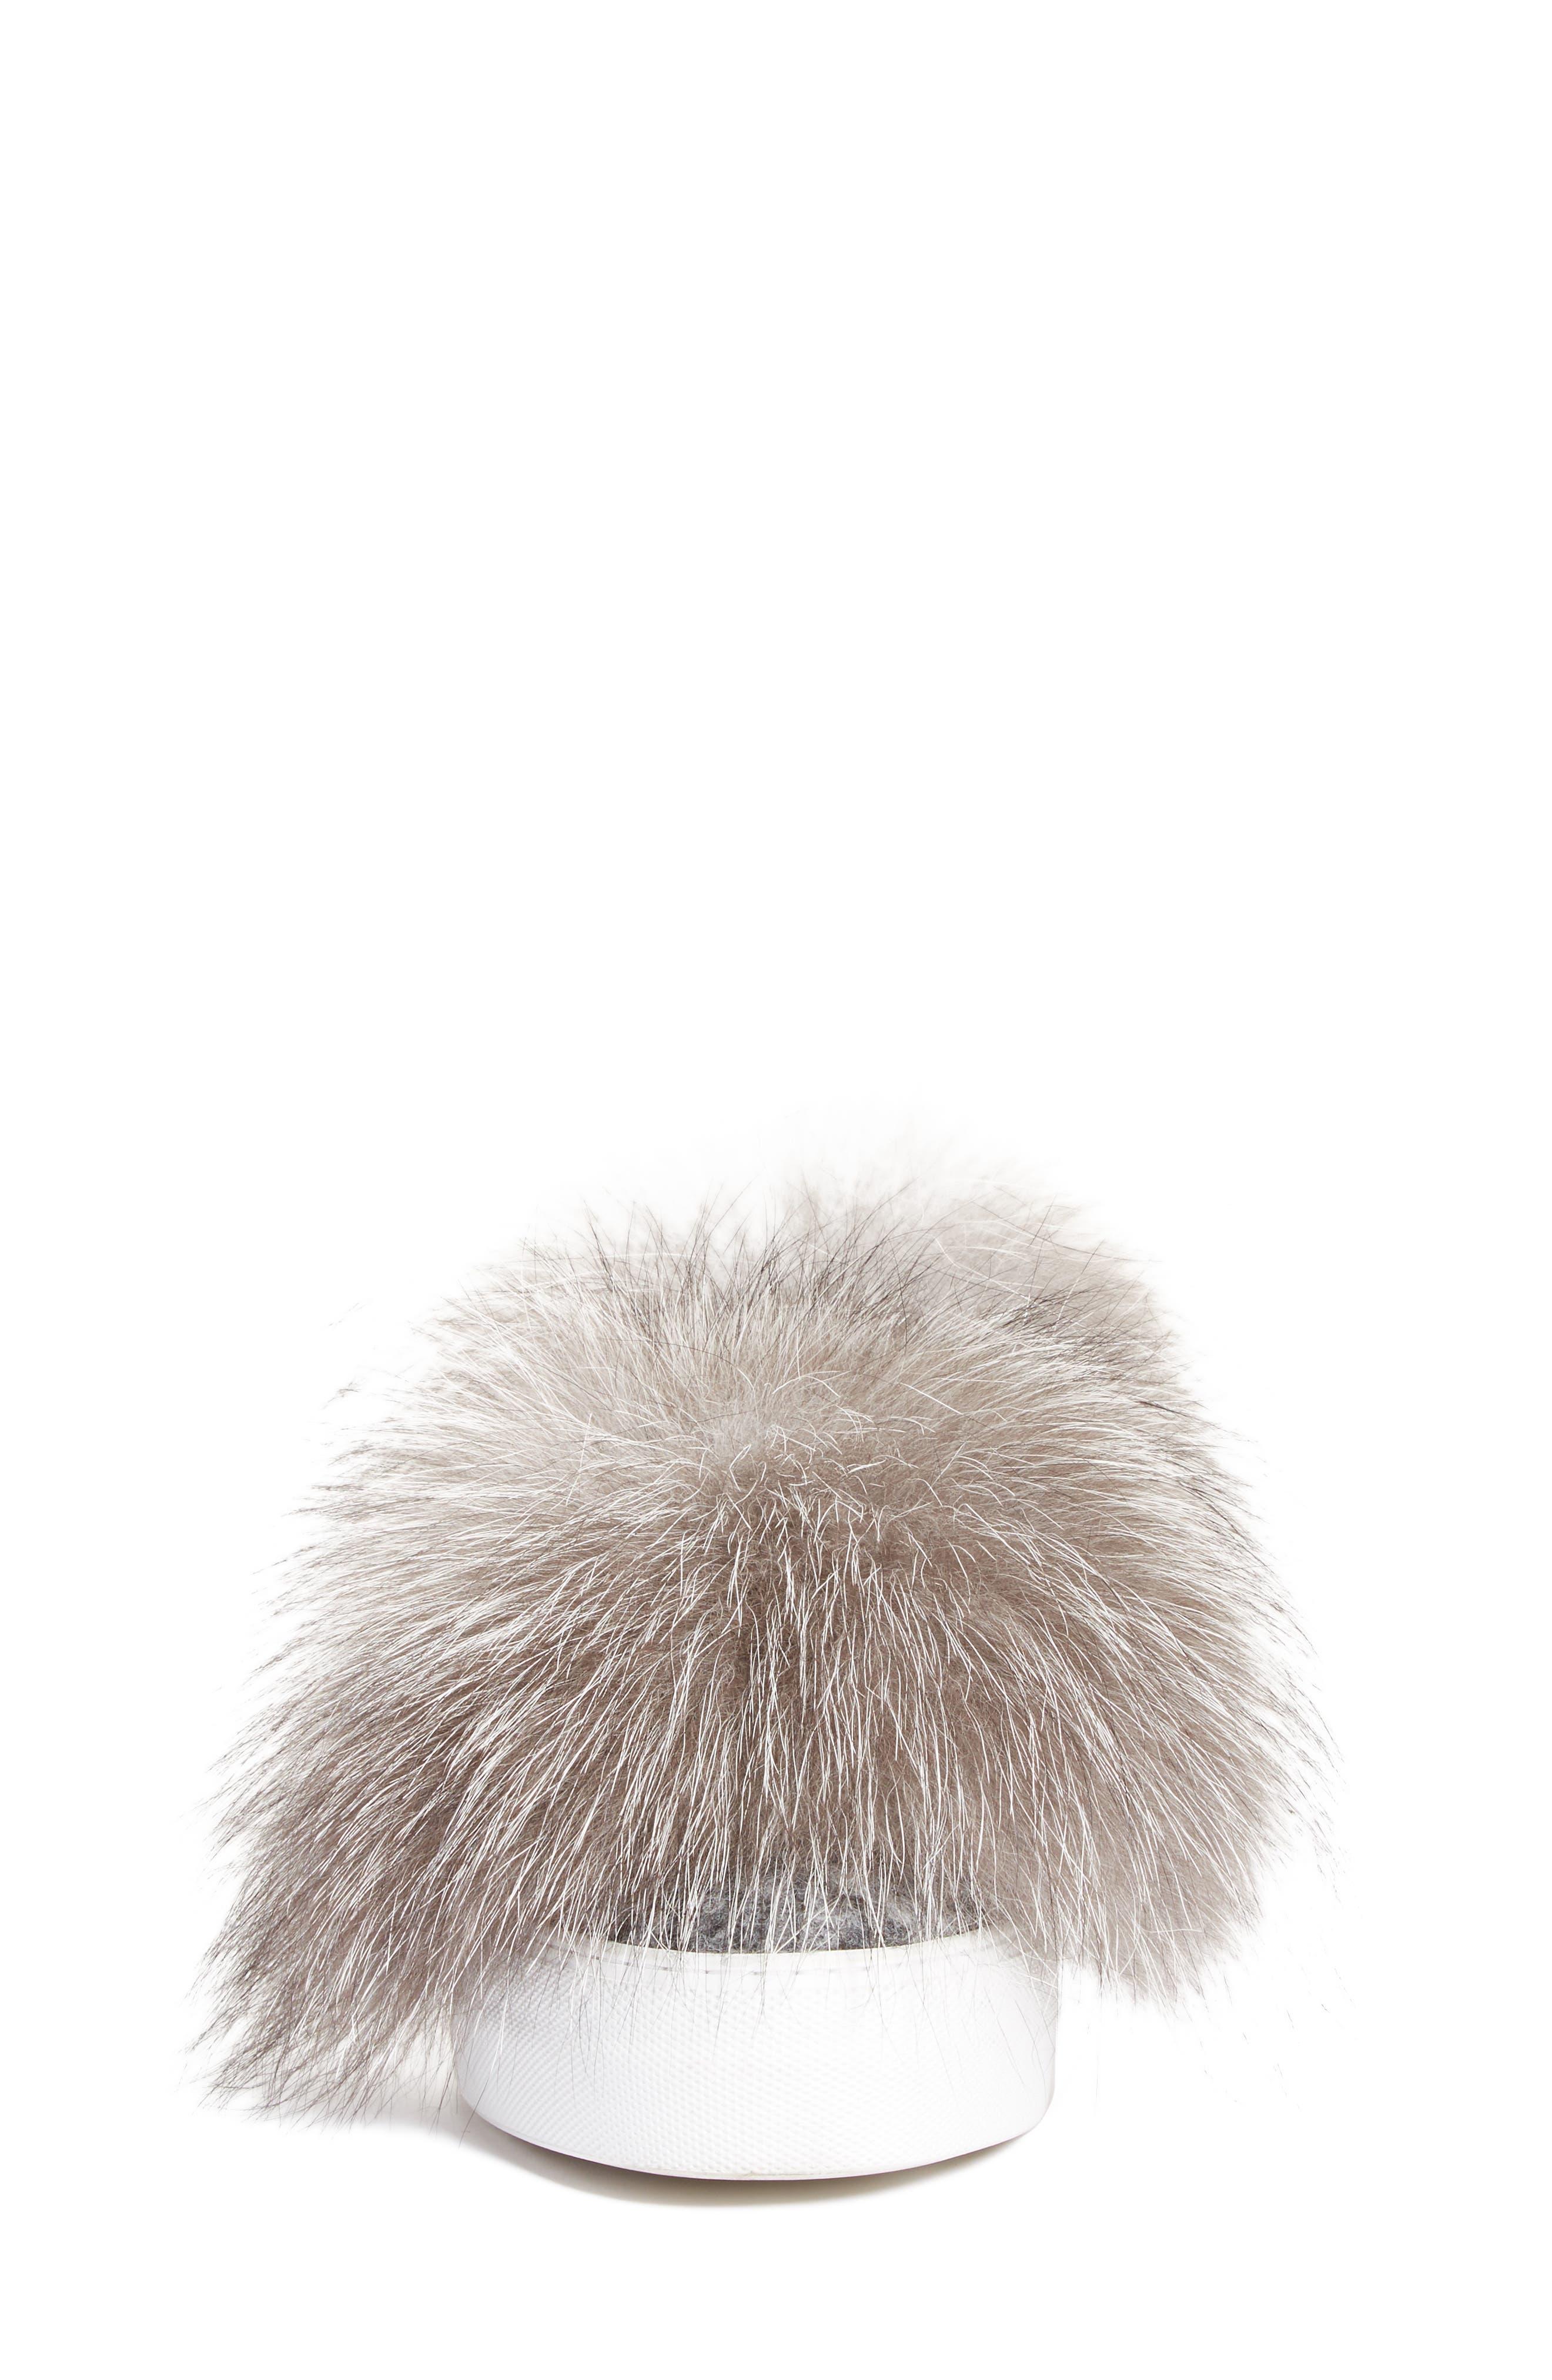 Victoire Genuine Fox Fur Slip-On Sneaker,                             Alternate thumbnail 4, color,                             020